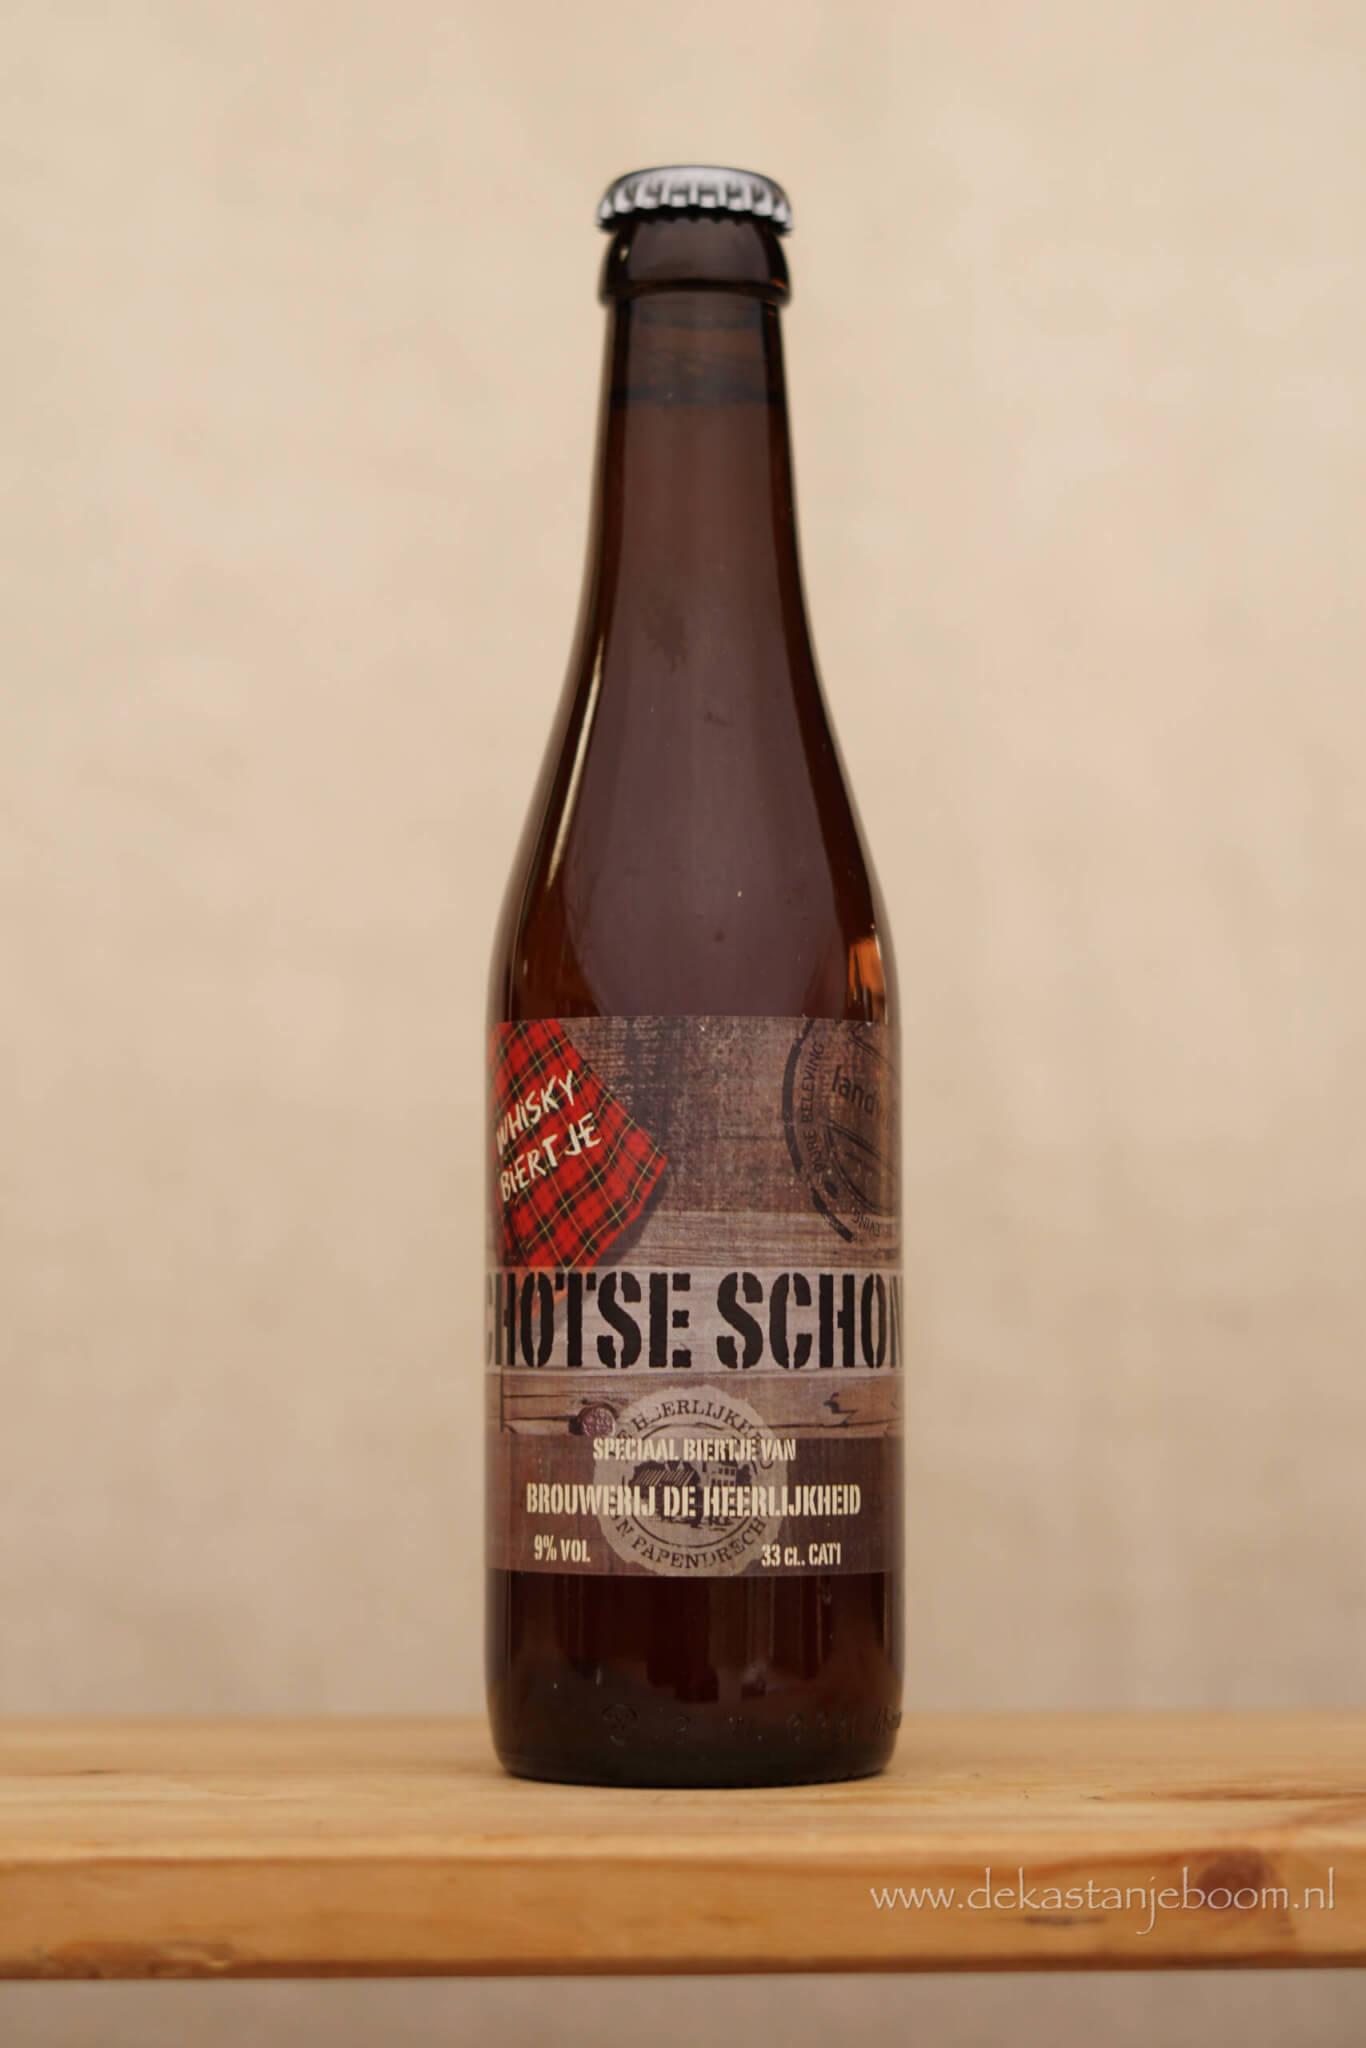 Schotse schone bier